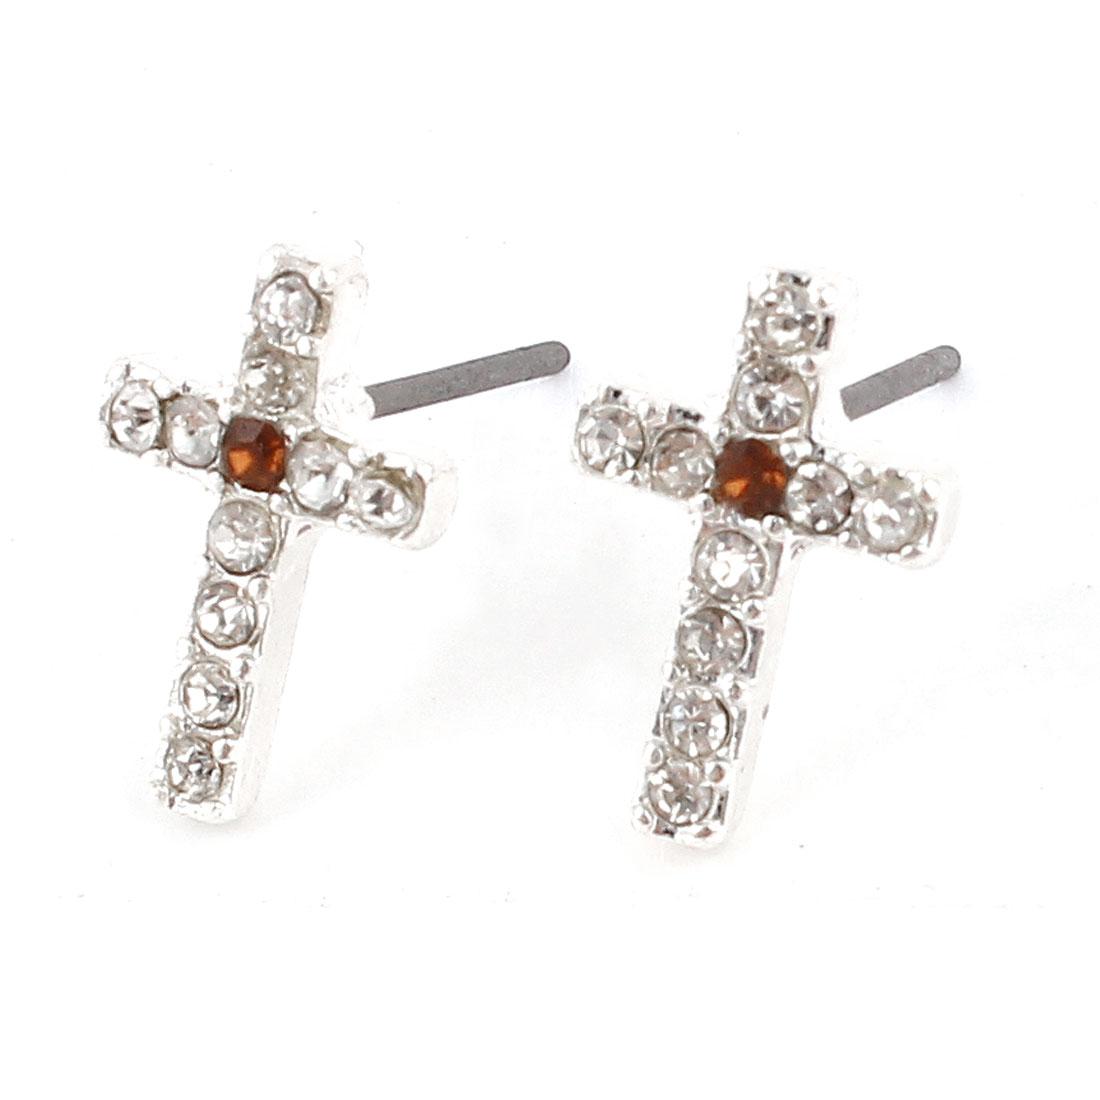 Lady Rhinestone Inlaid Orange Cross Ear Pins Earbob Stud Earrings Pair